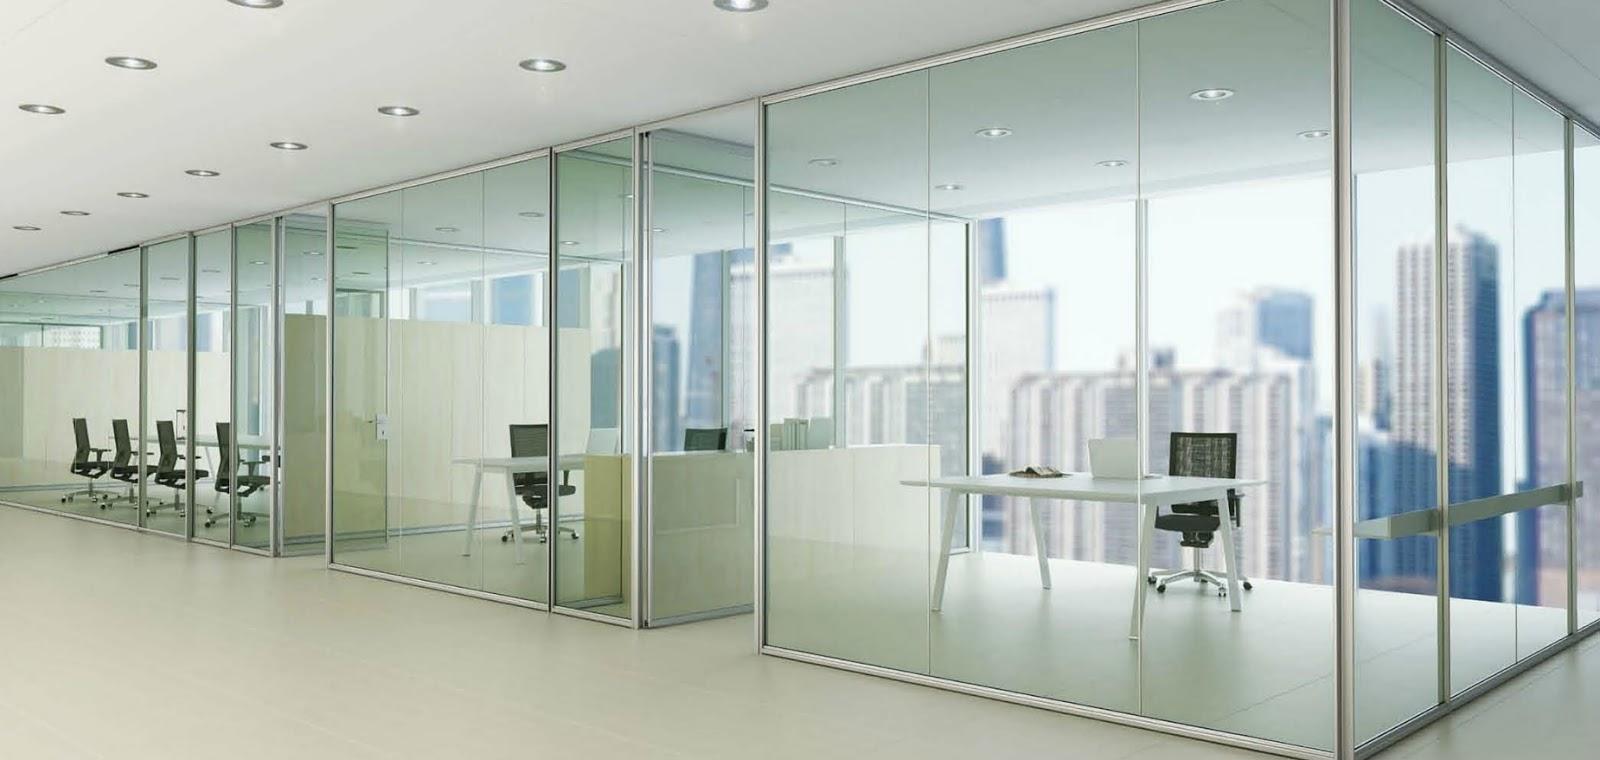 Montaje de mamparas de separaci n de cristal for Muebles para oficina mamparas